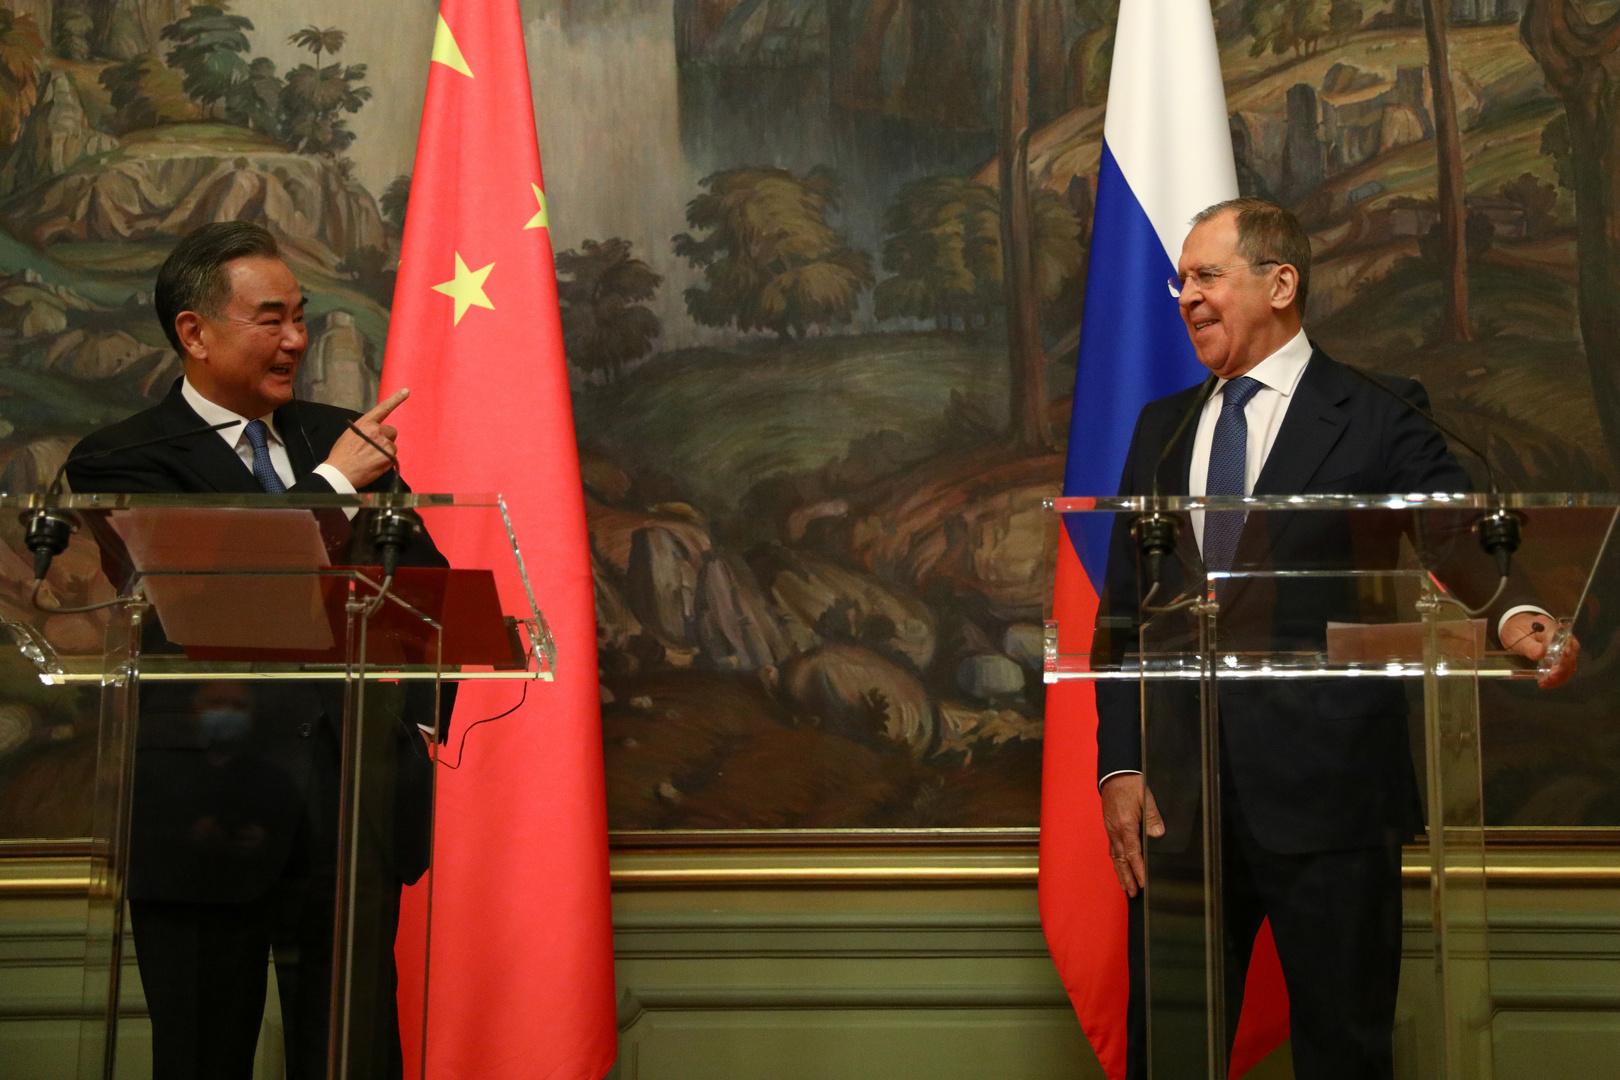 روسيا والصين ستردان على إنشاء الولايات المتحدة قوات فضائية